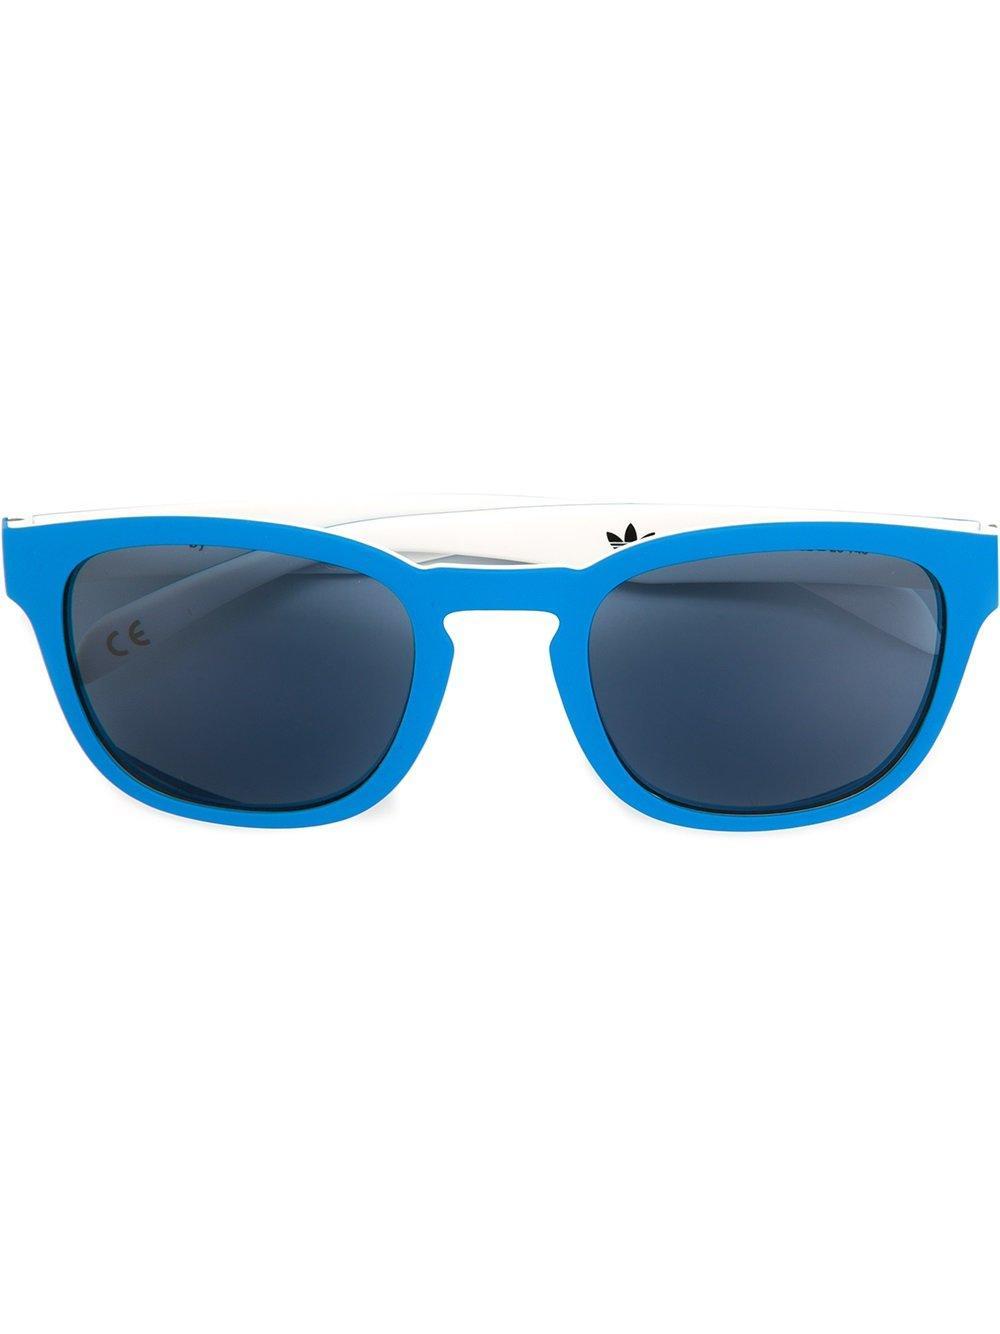 Italia Independent Blue